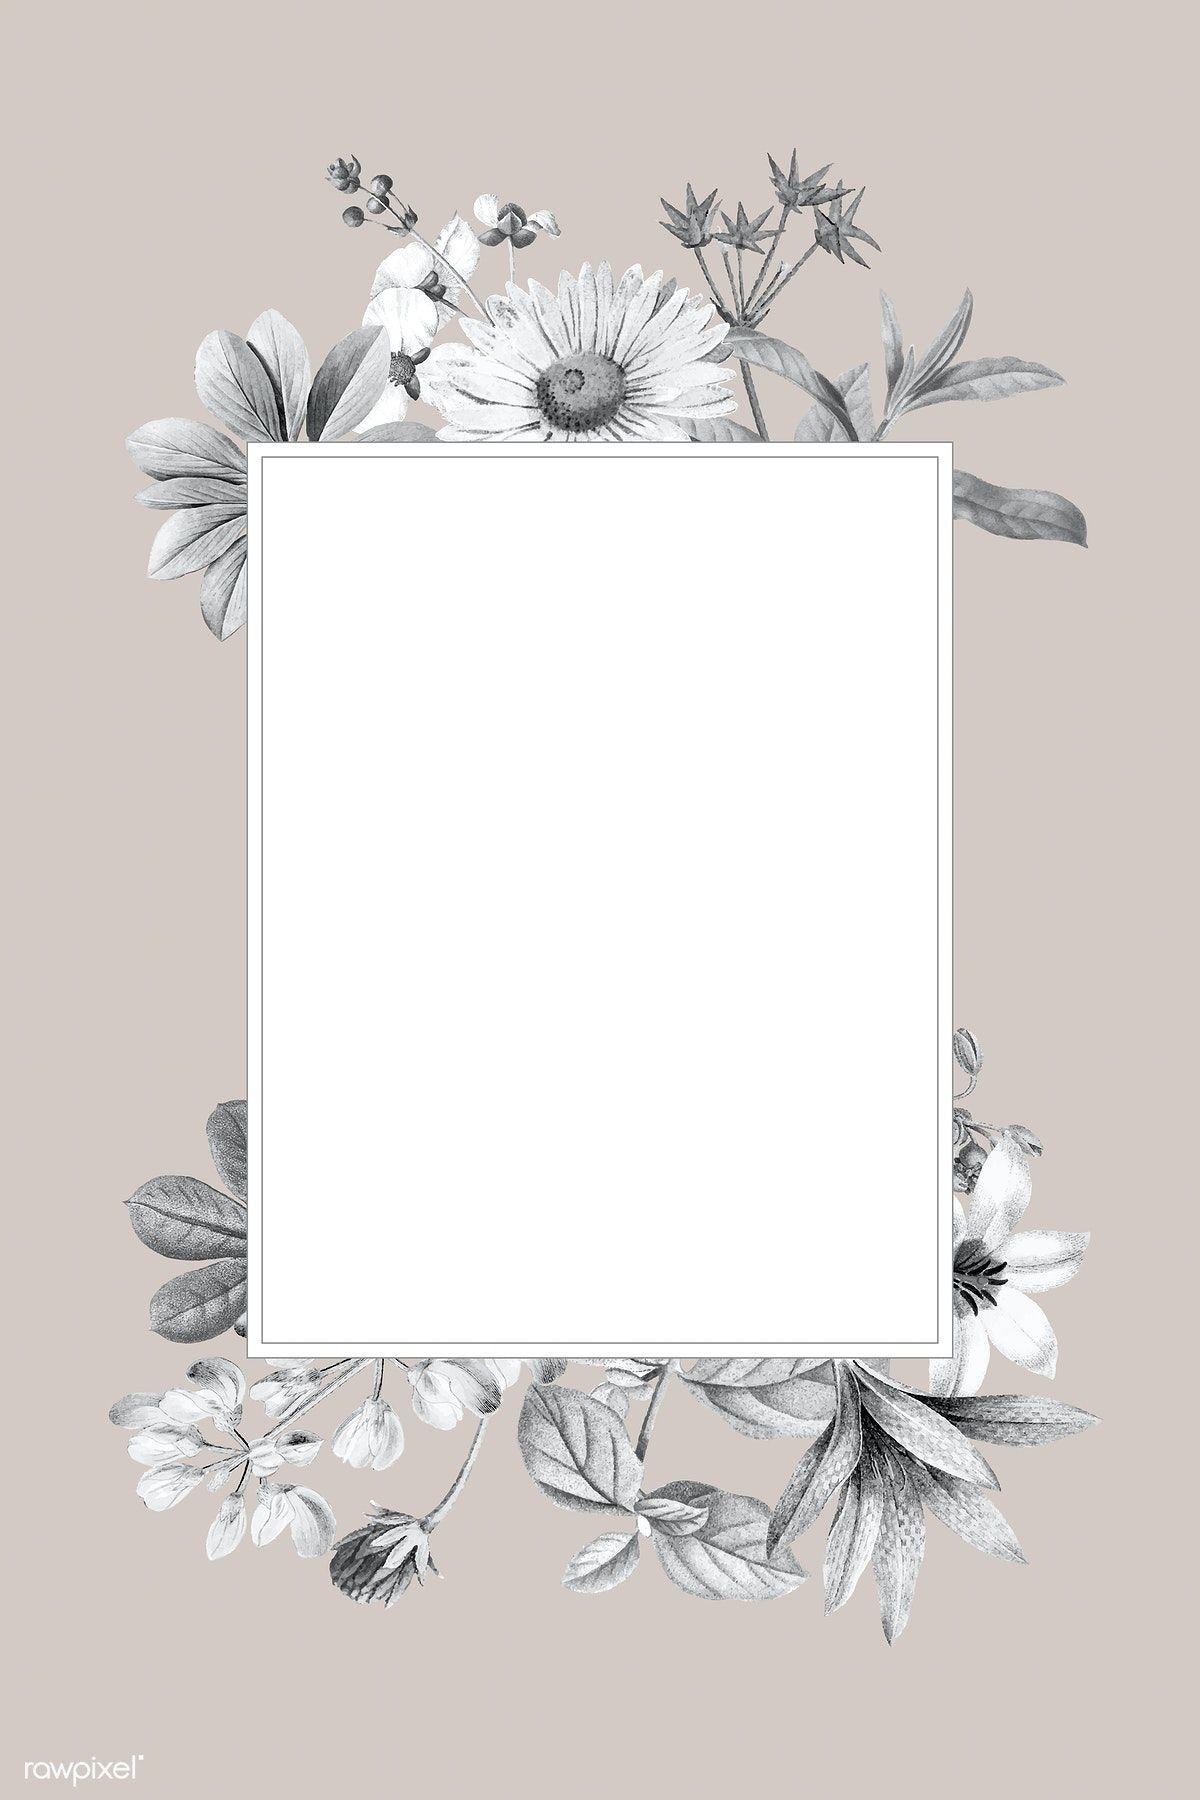 Download premium vector of Blank floral frame design